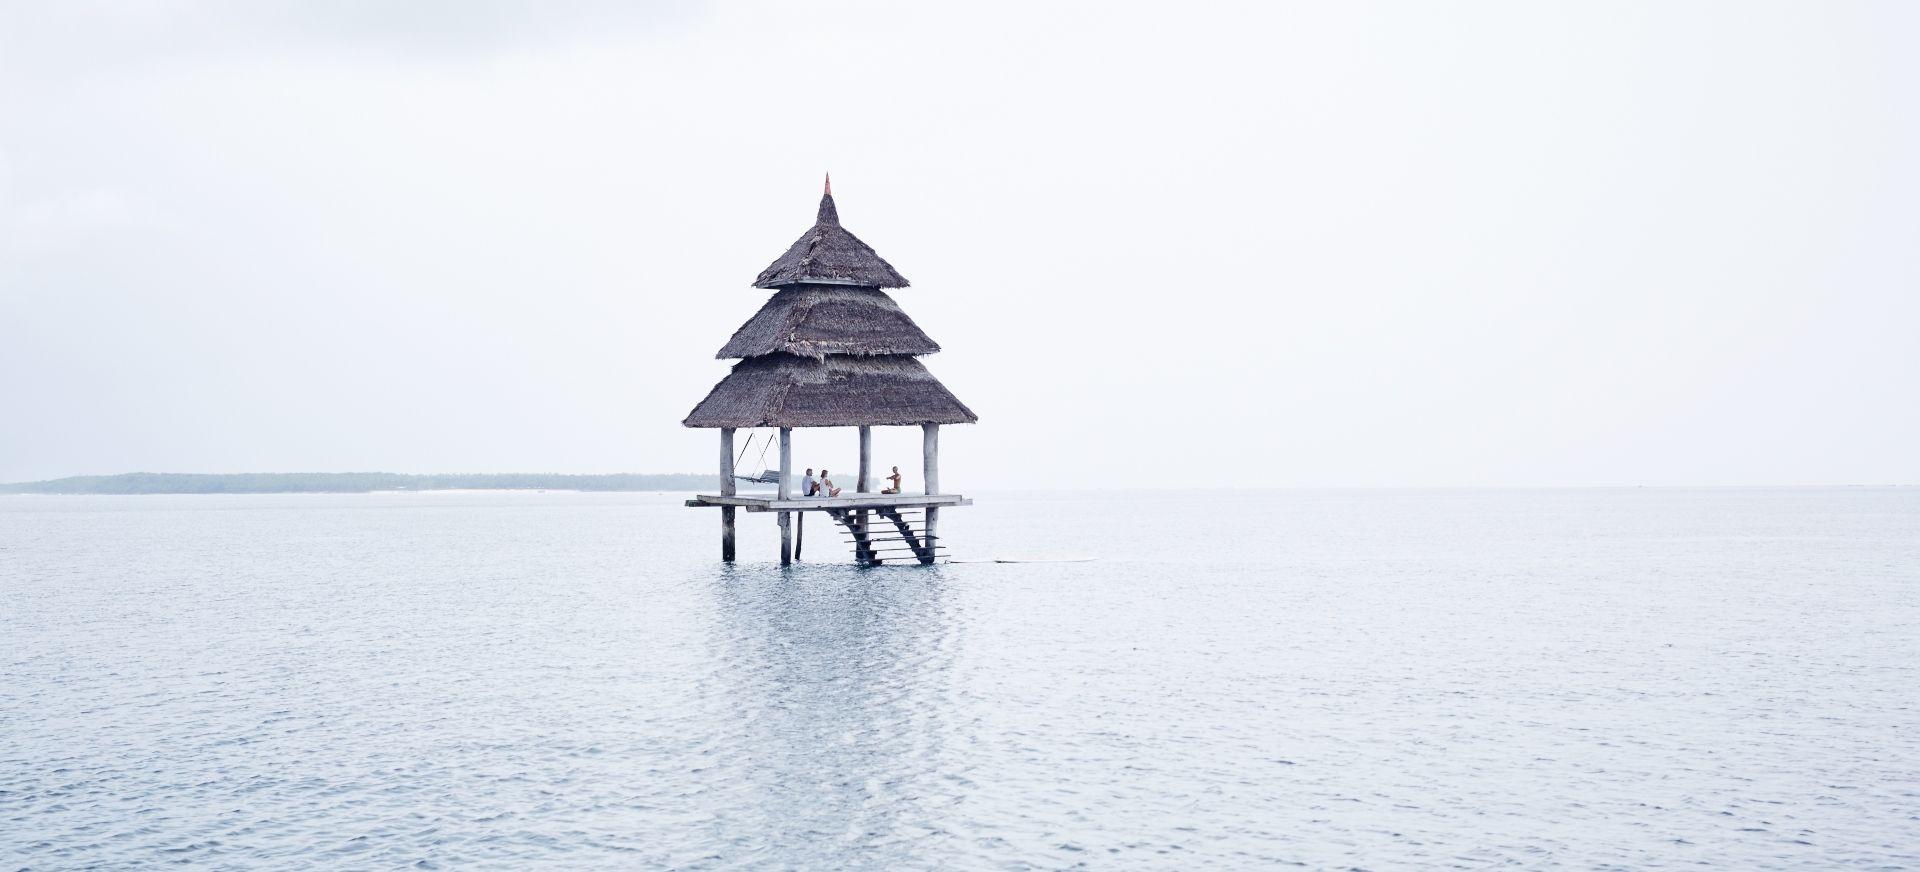 Meditation in the sea pagoda